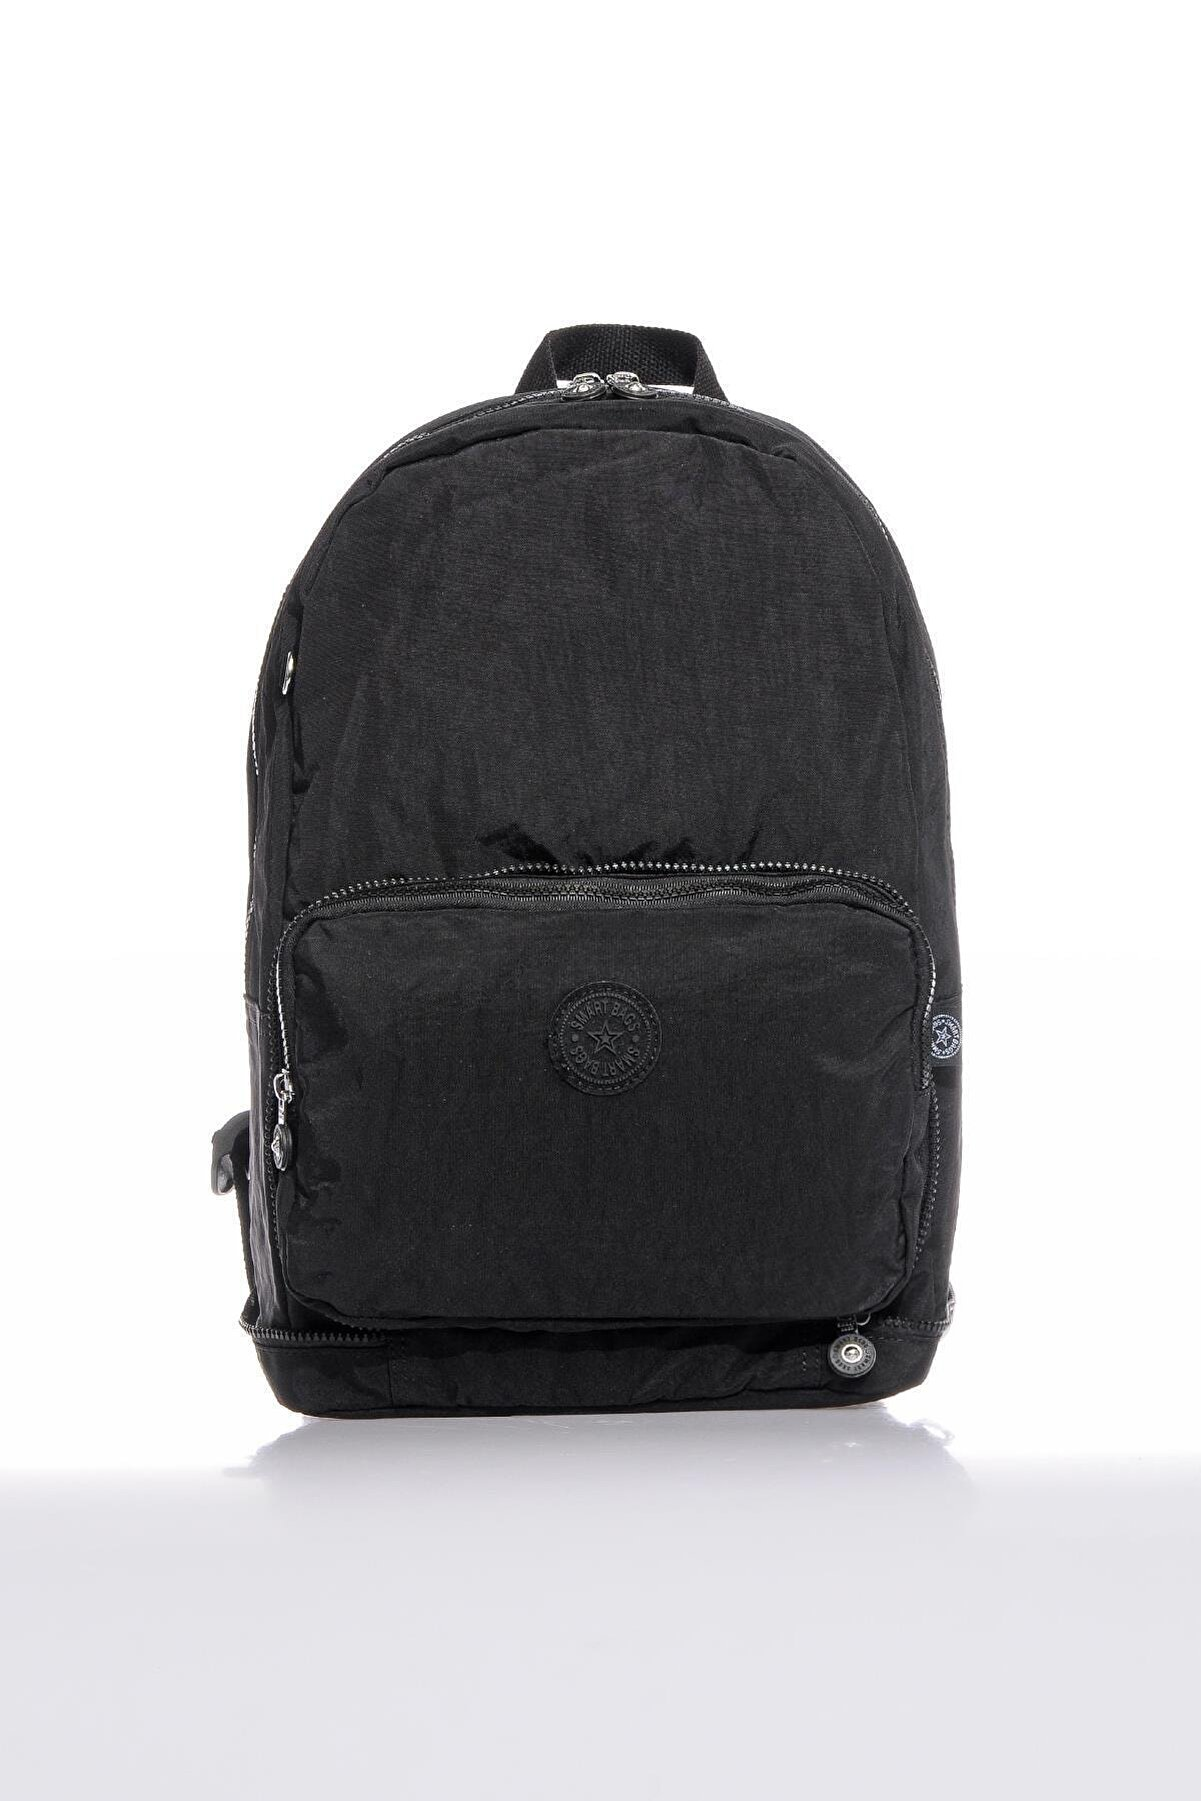 Smart Bags Smb3080-0001 Siyah Kadın Katlanabilir Sırt Çantası